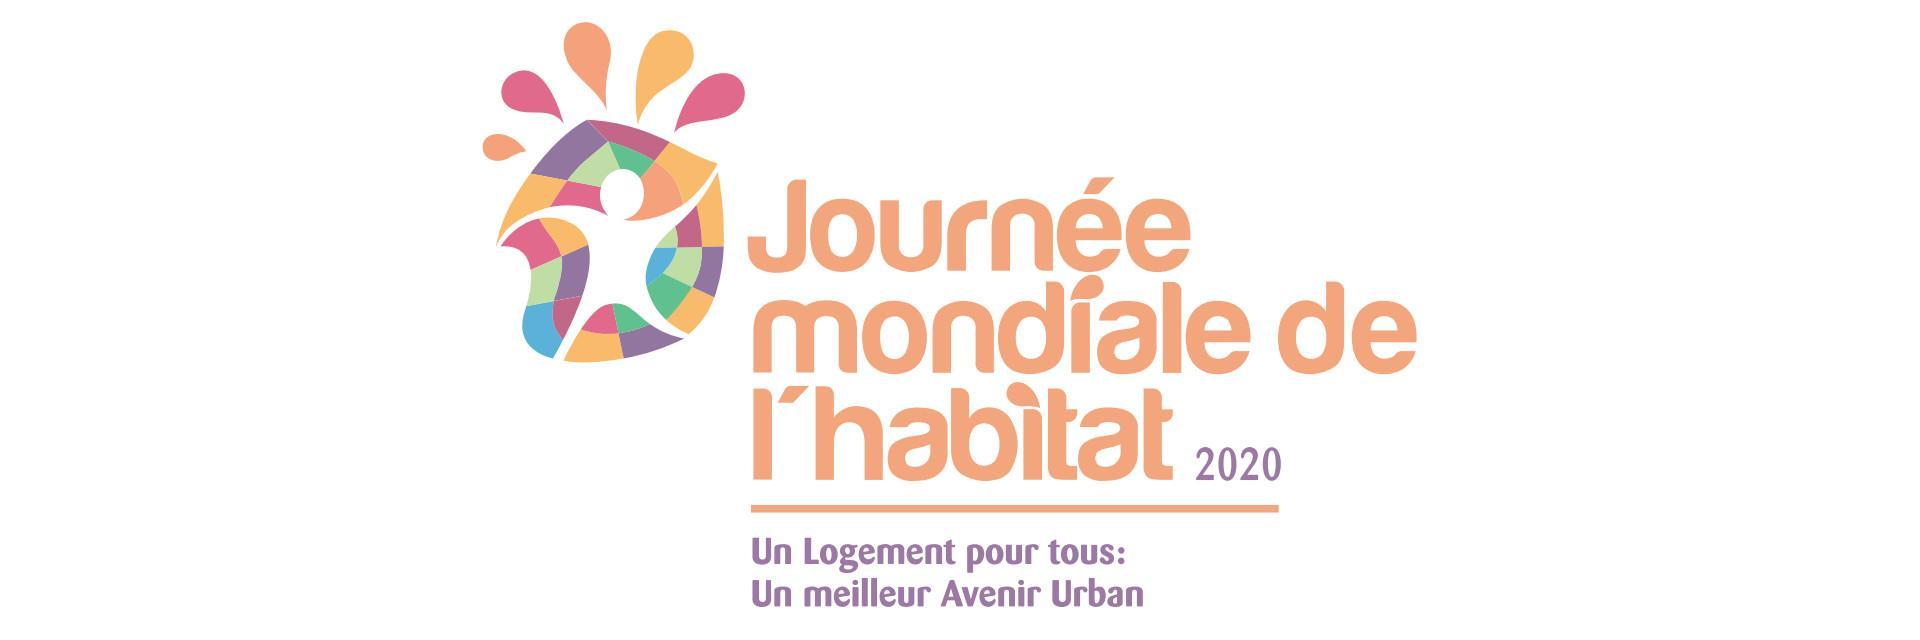 Journée mondiale de l'habitat 2020 - Le logement pour tous : un meilleur avenir urbain